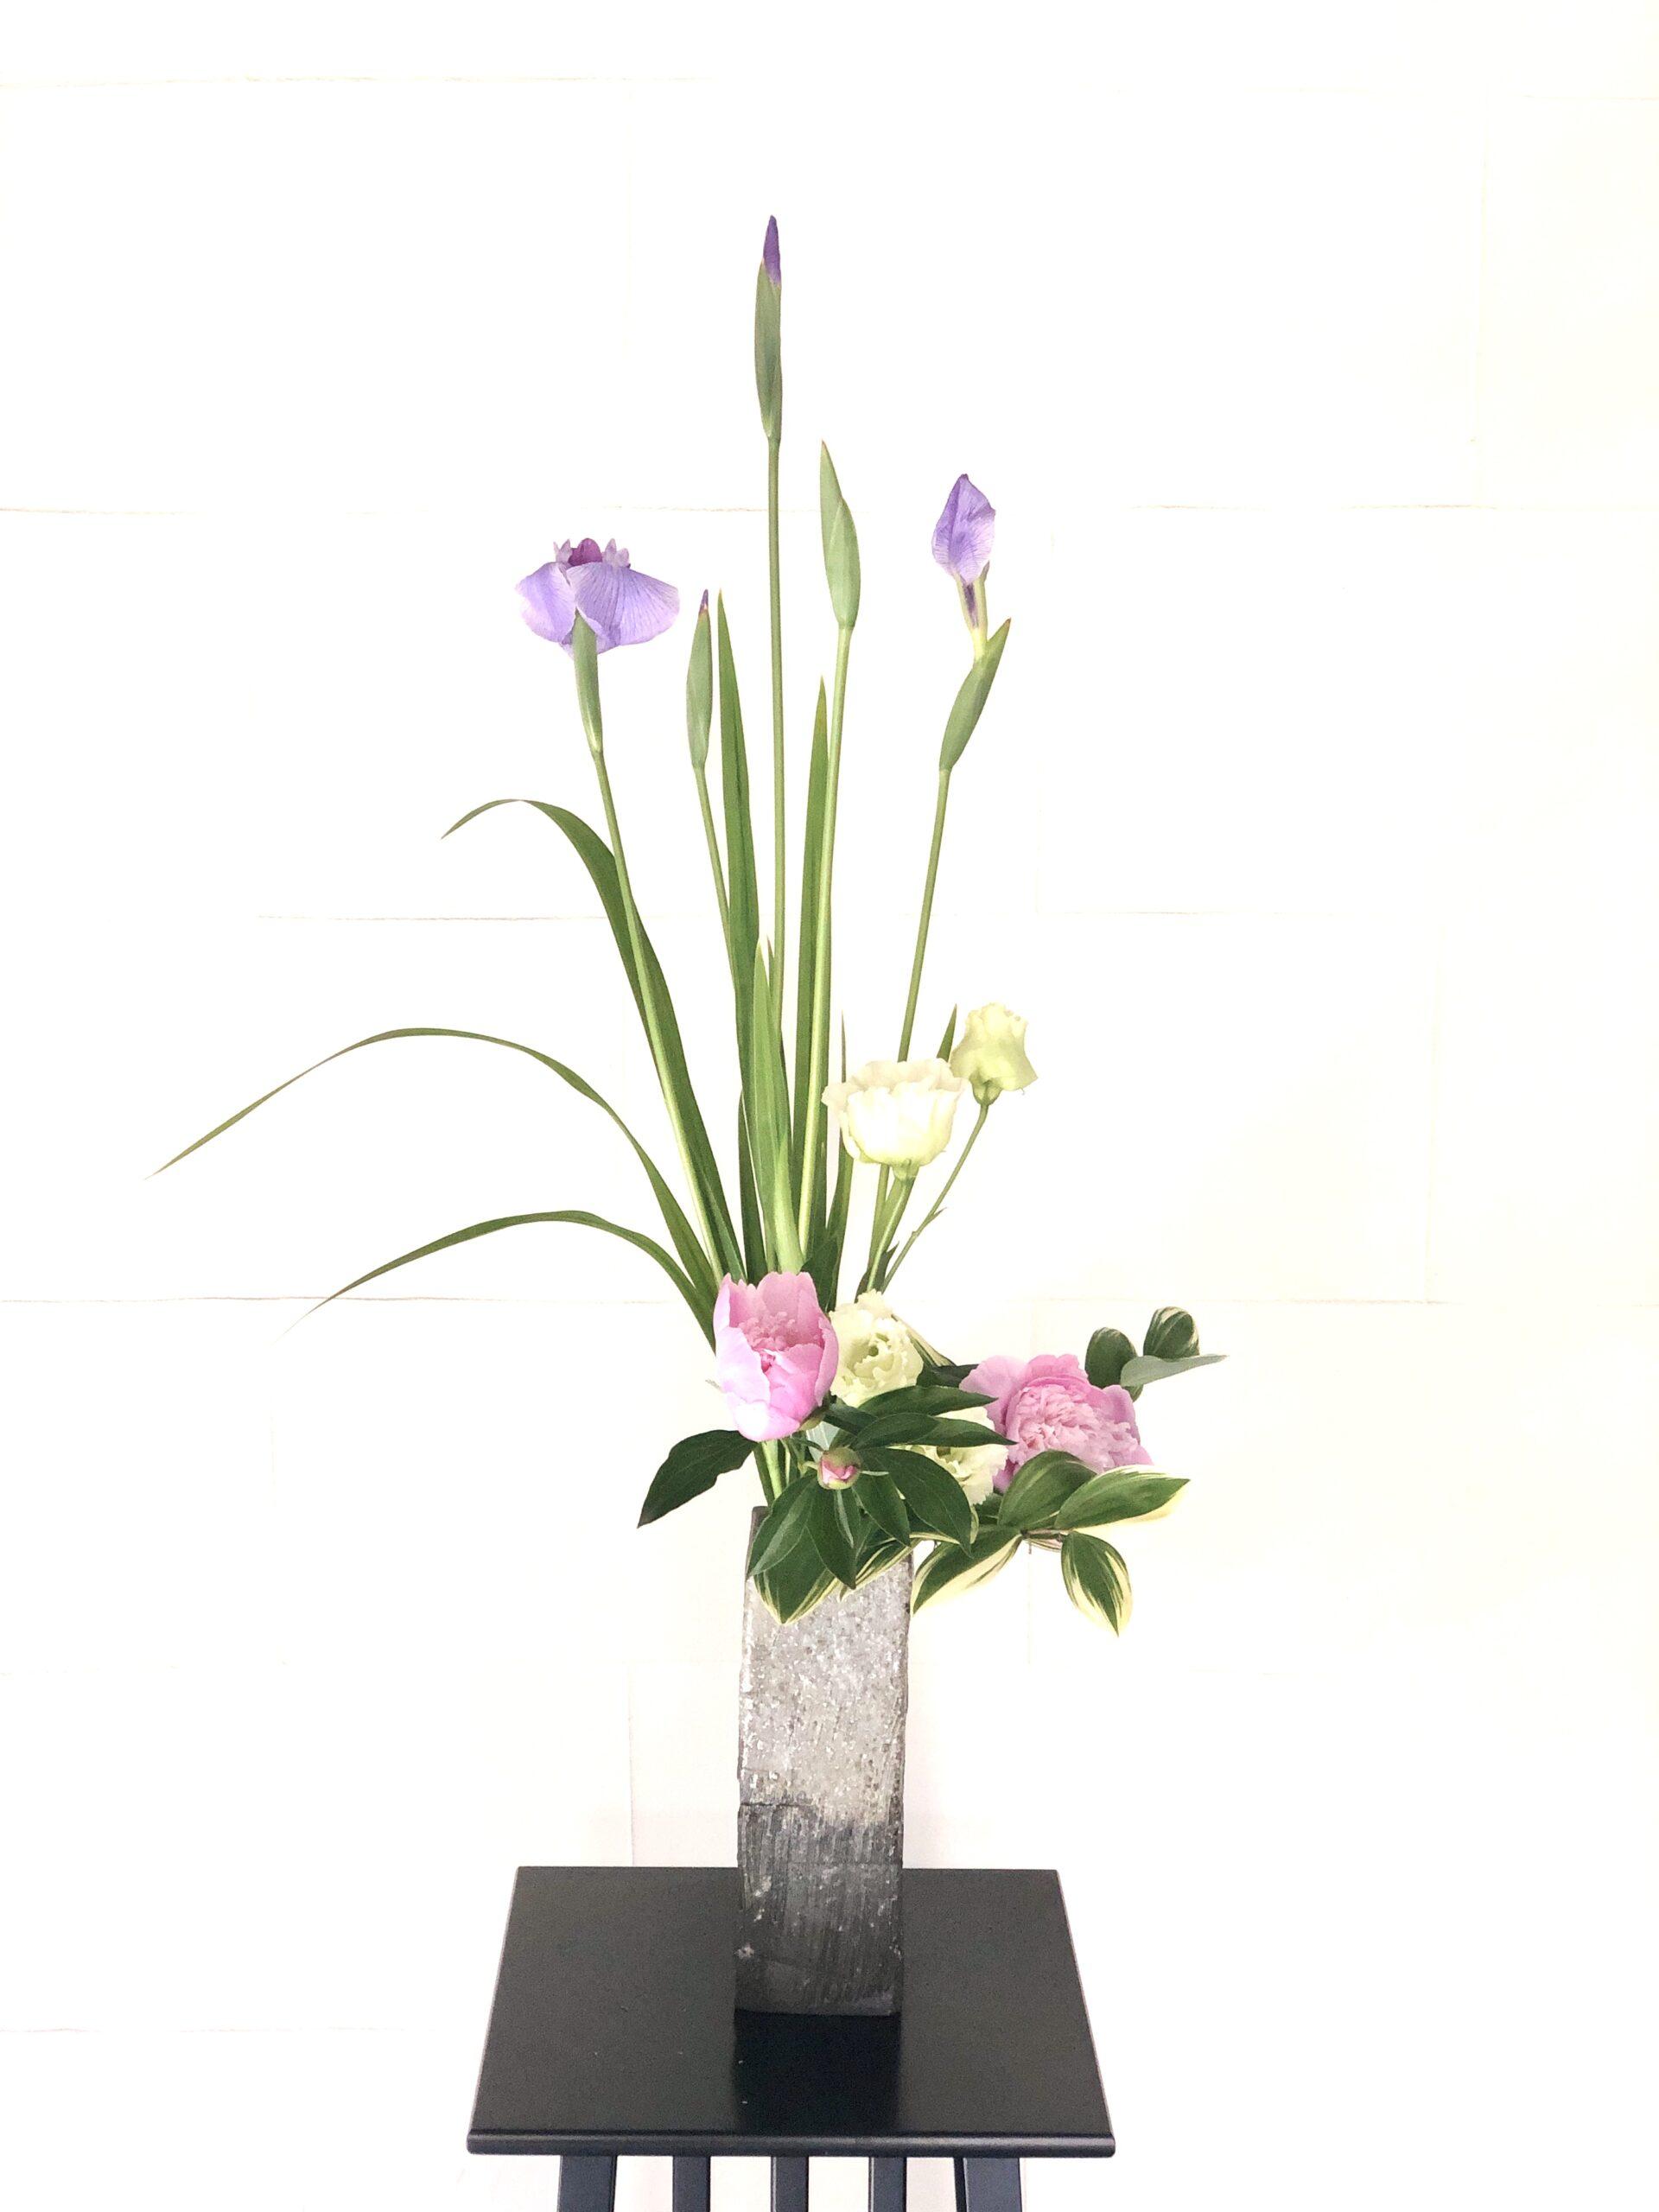 開花した花菖蒲の生け花